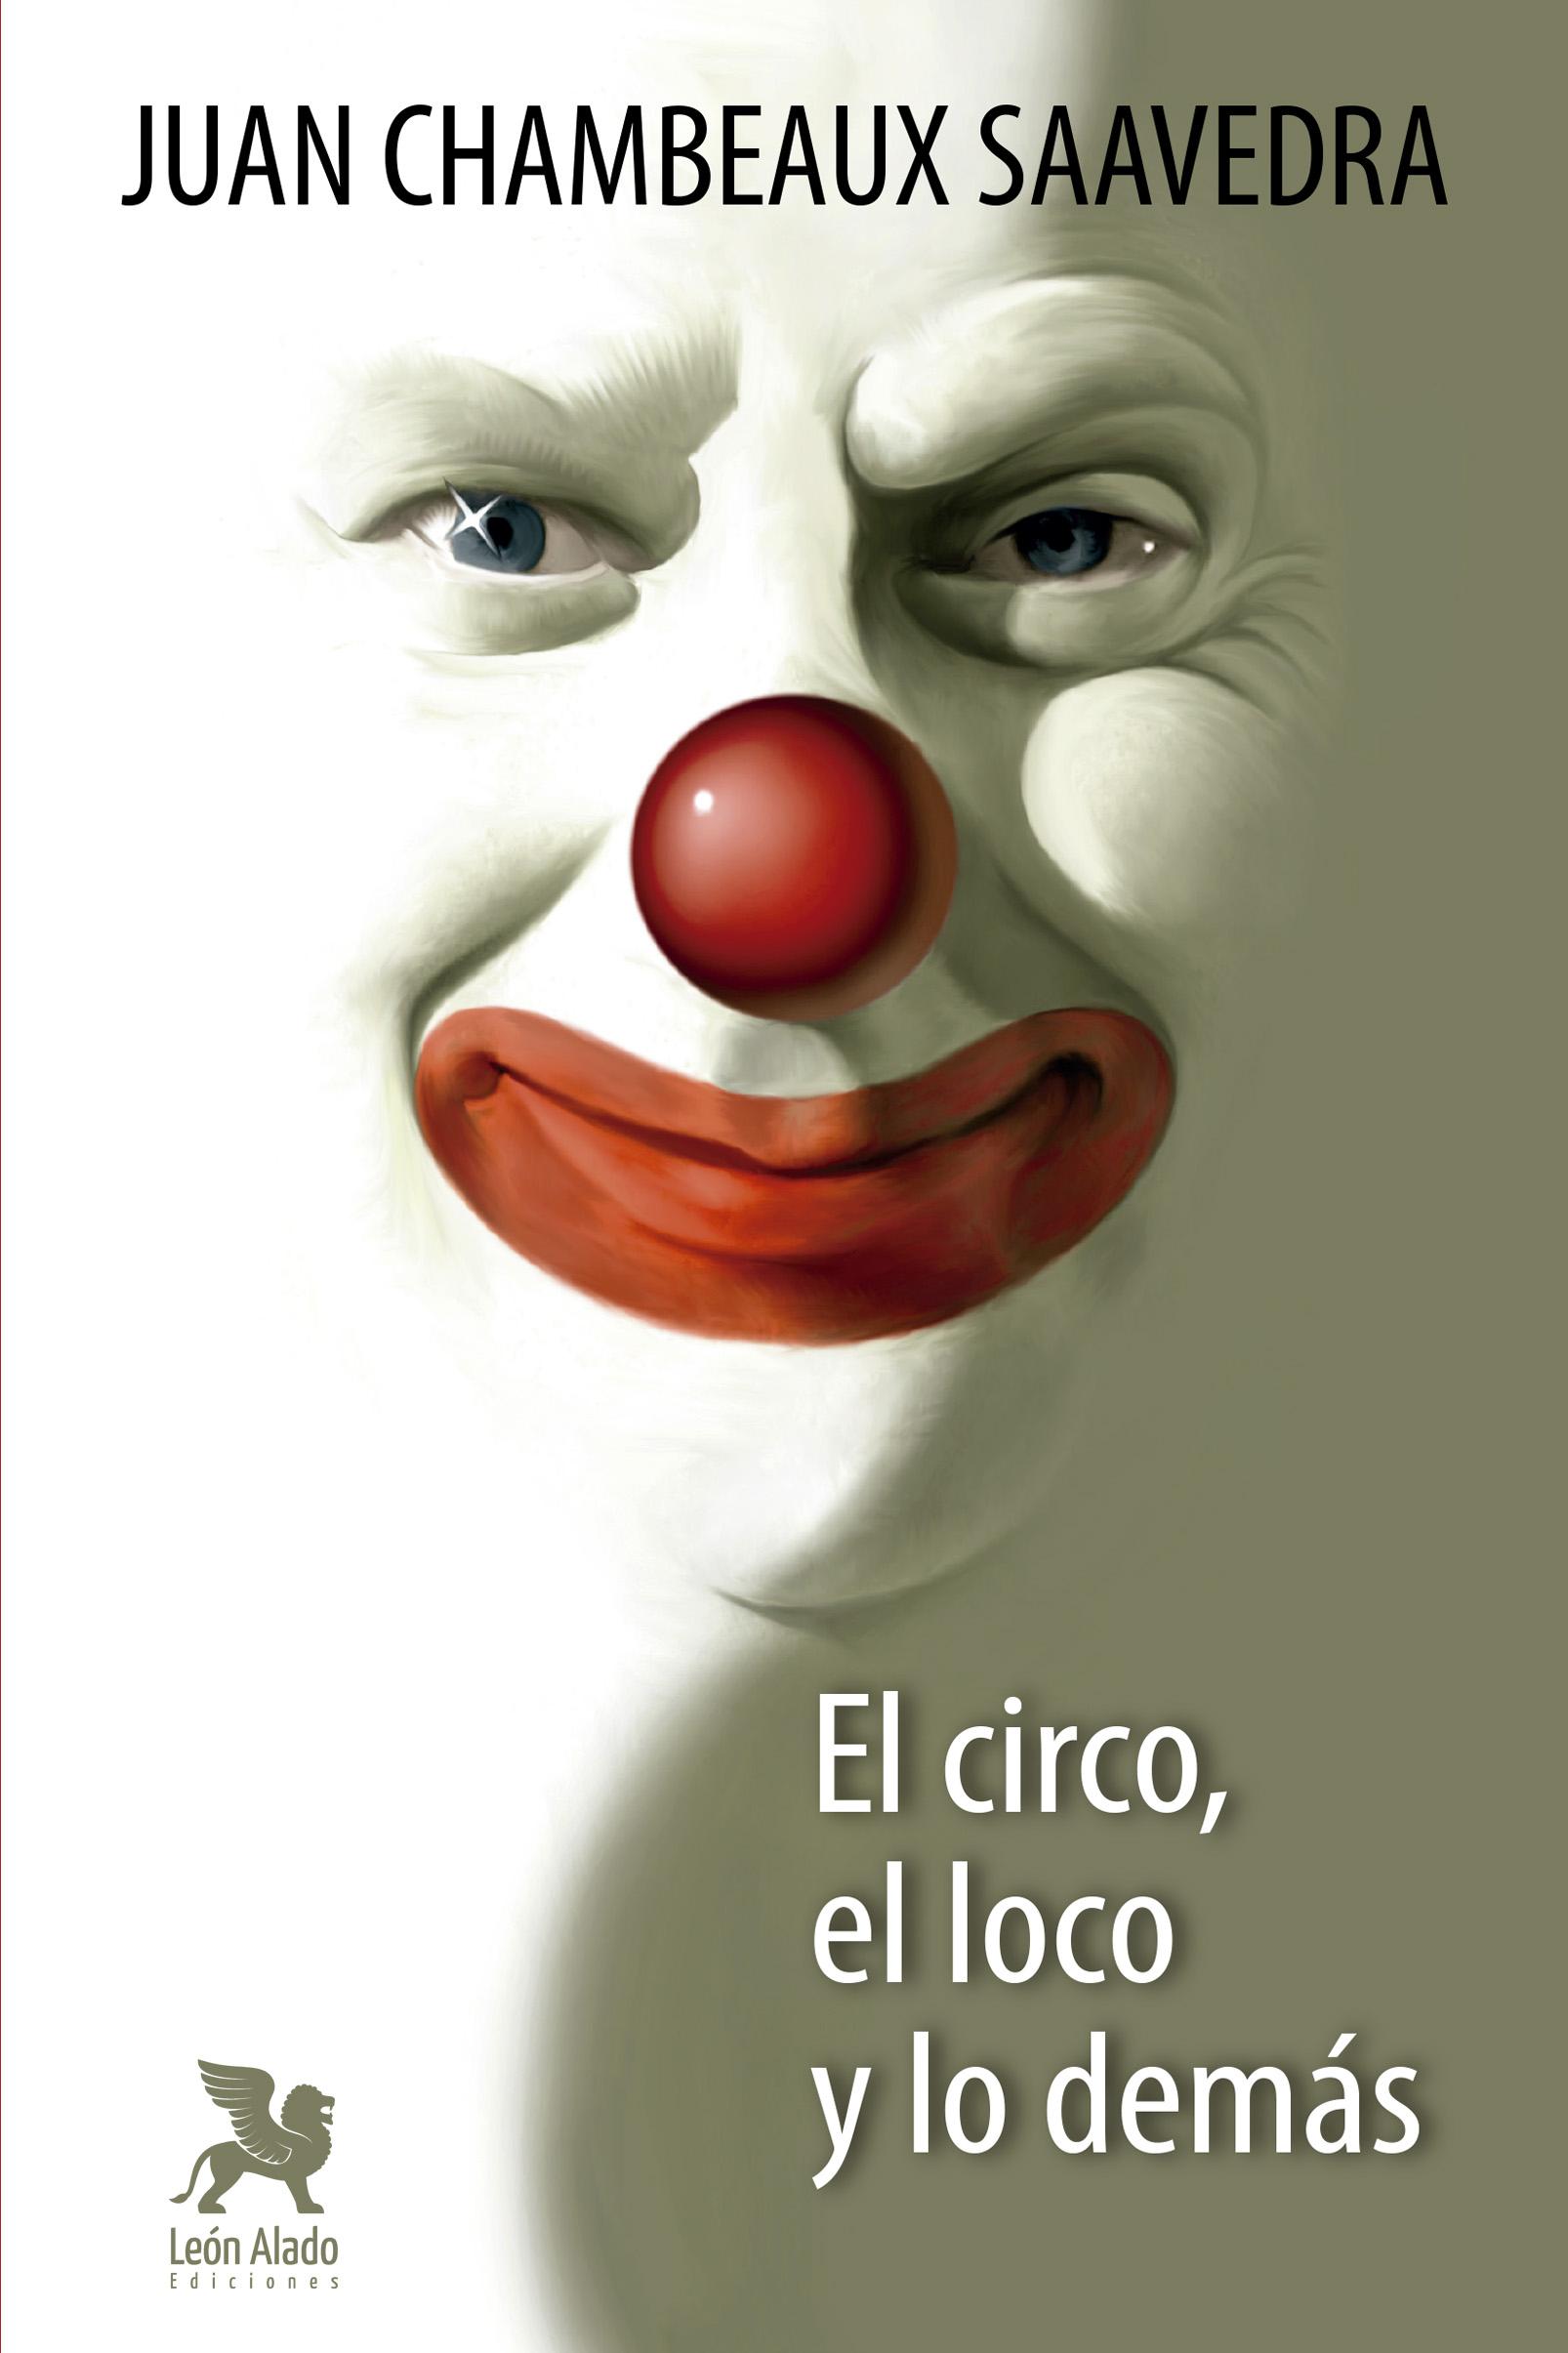 El Circo, el loco y lo demás